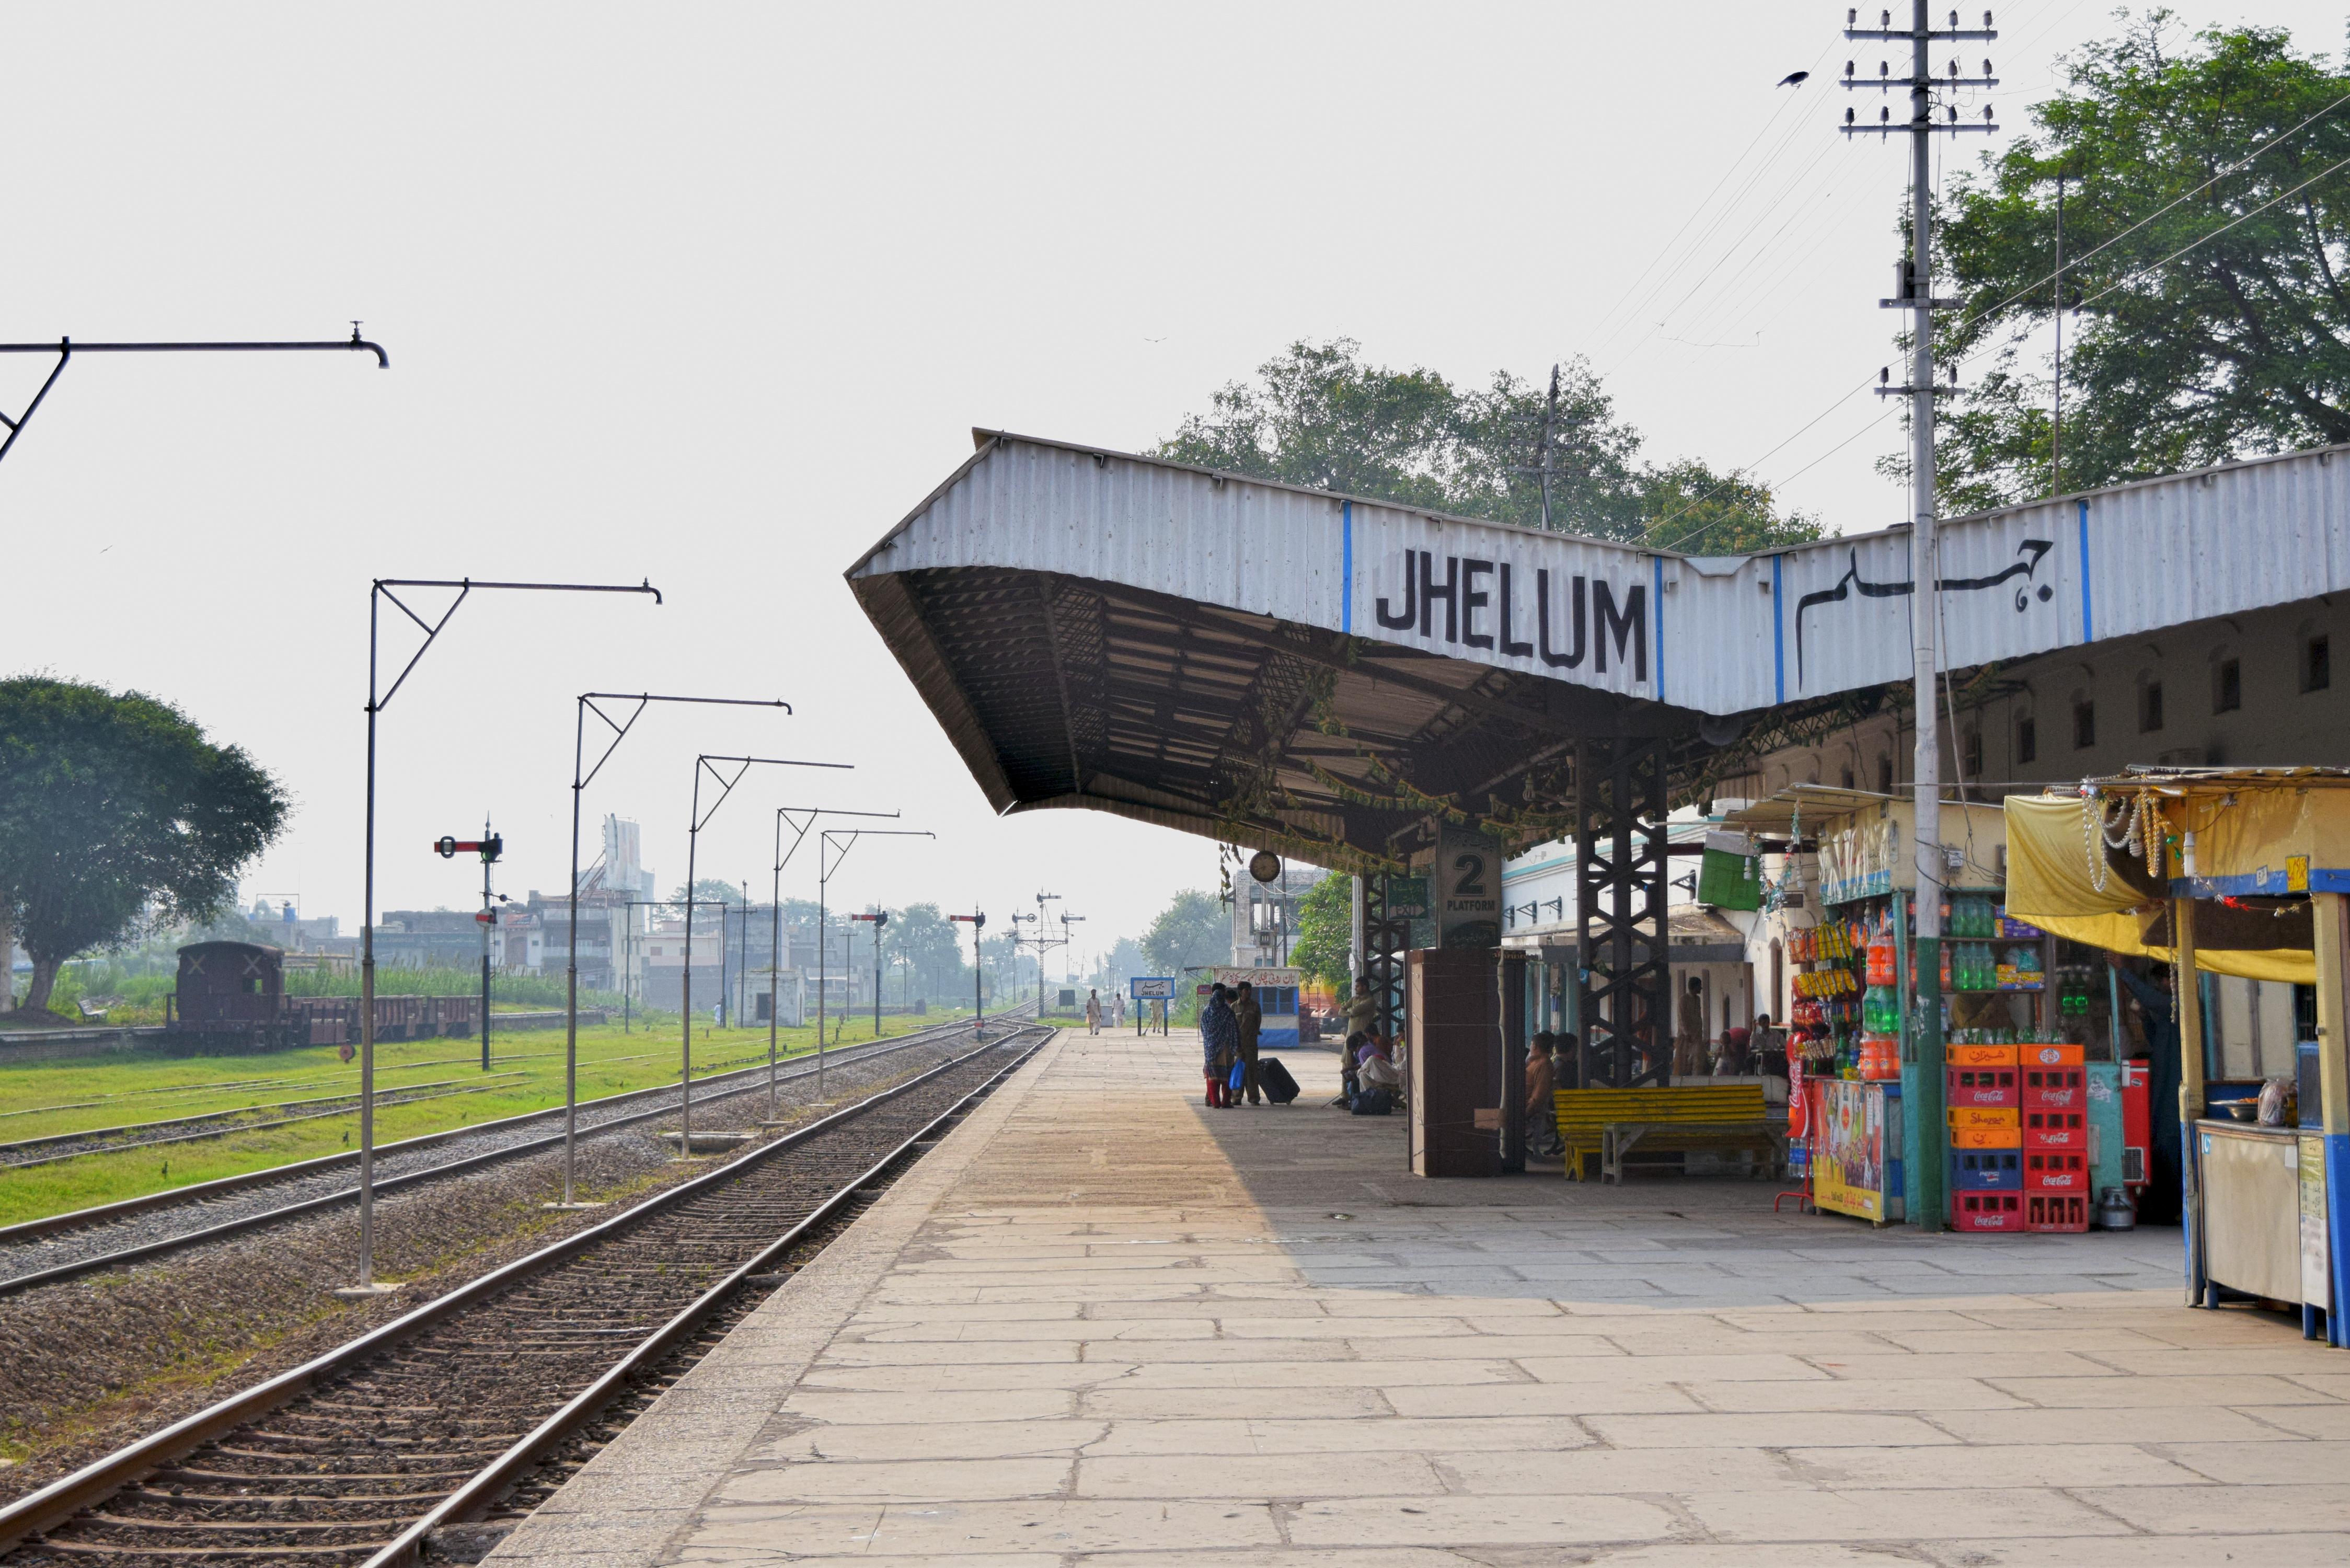 Dating point in jhelum